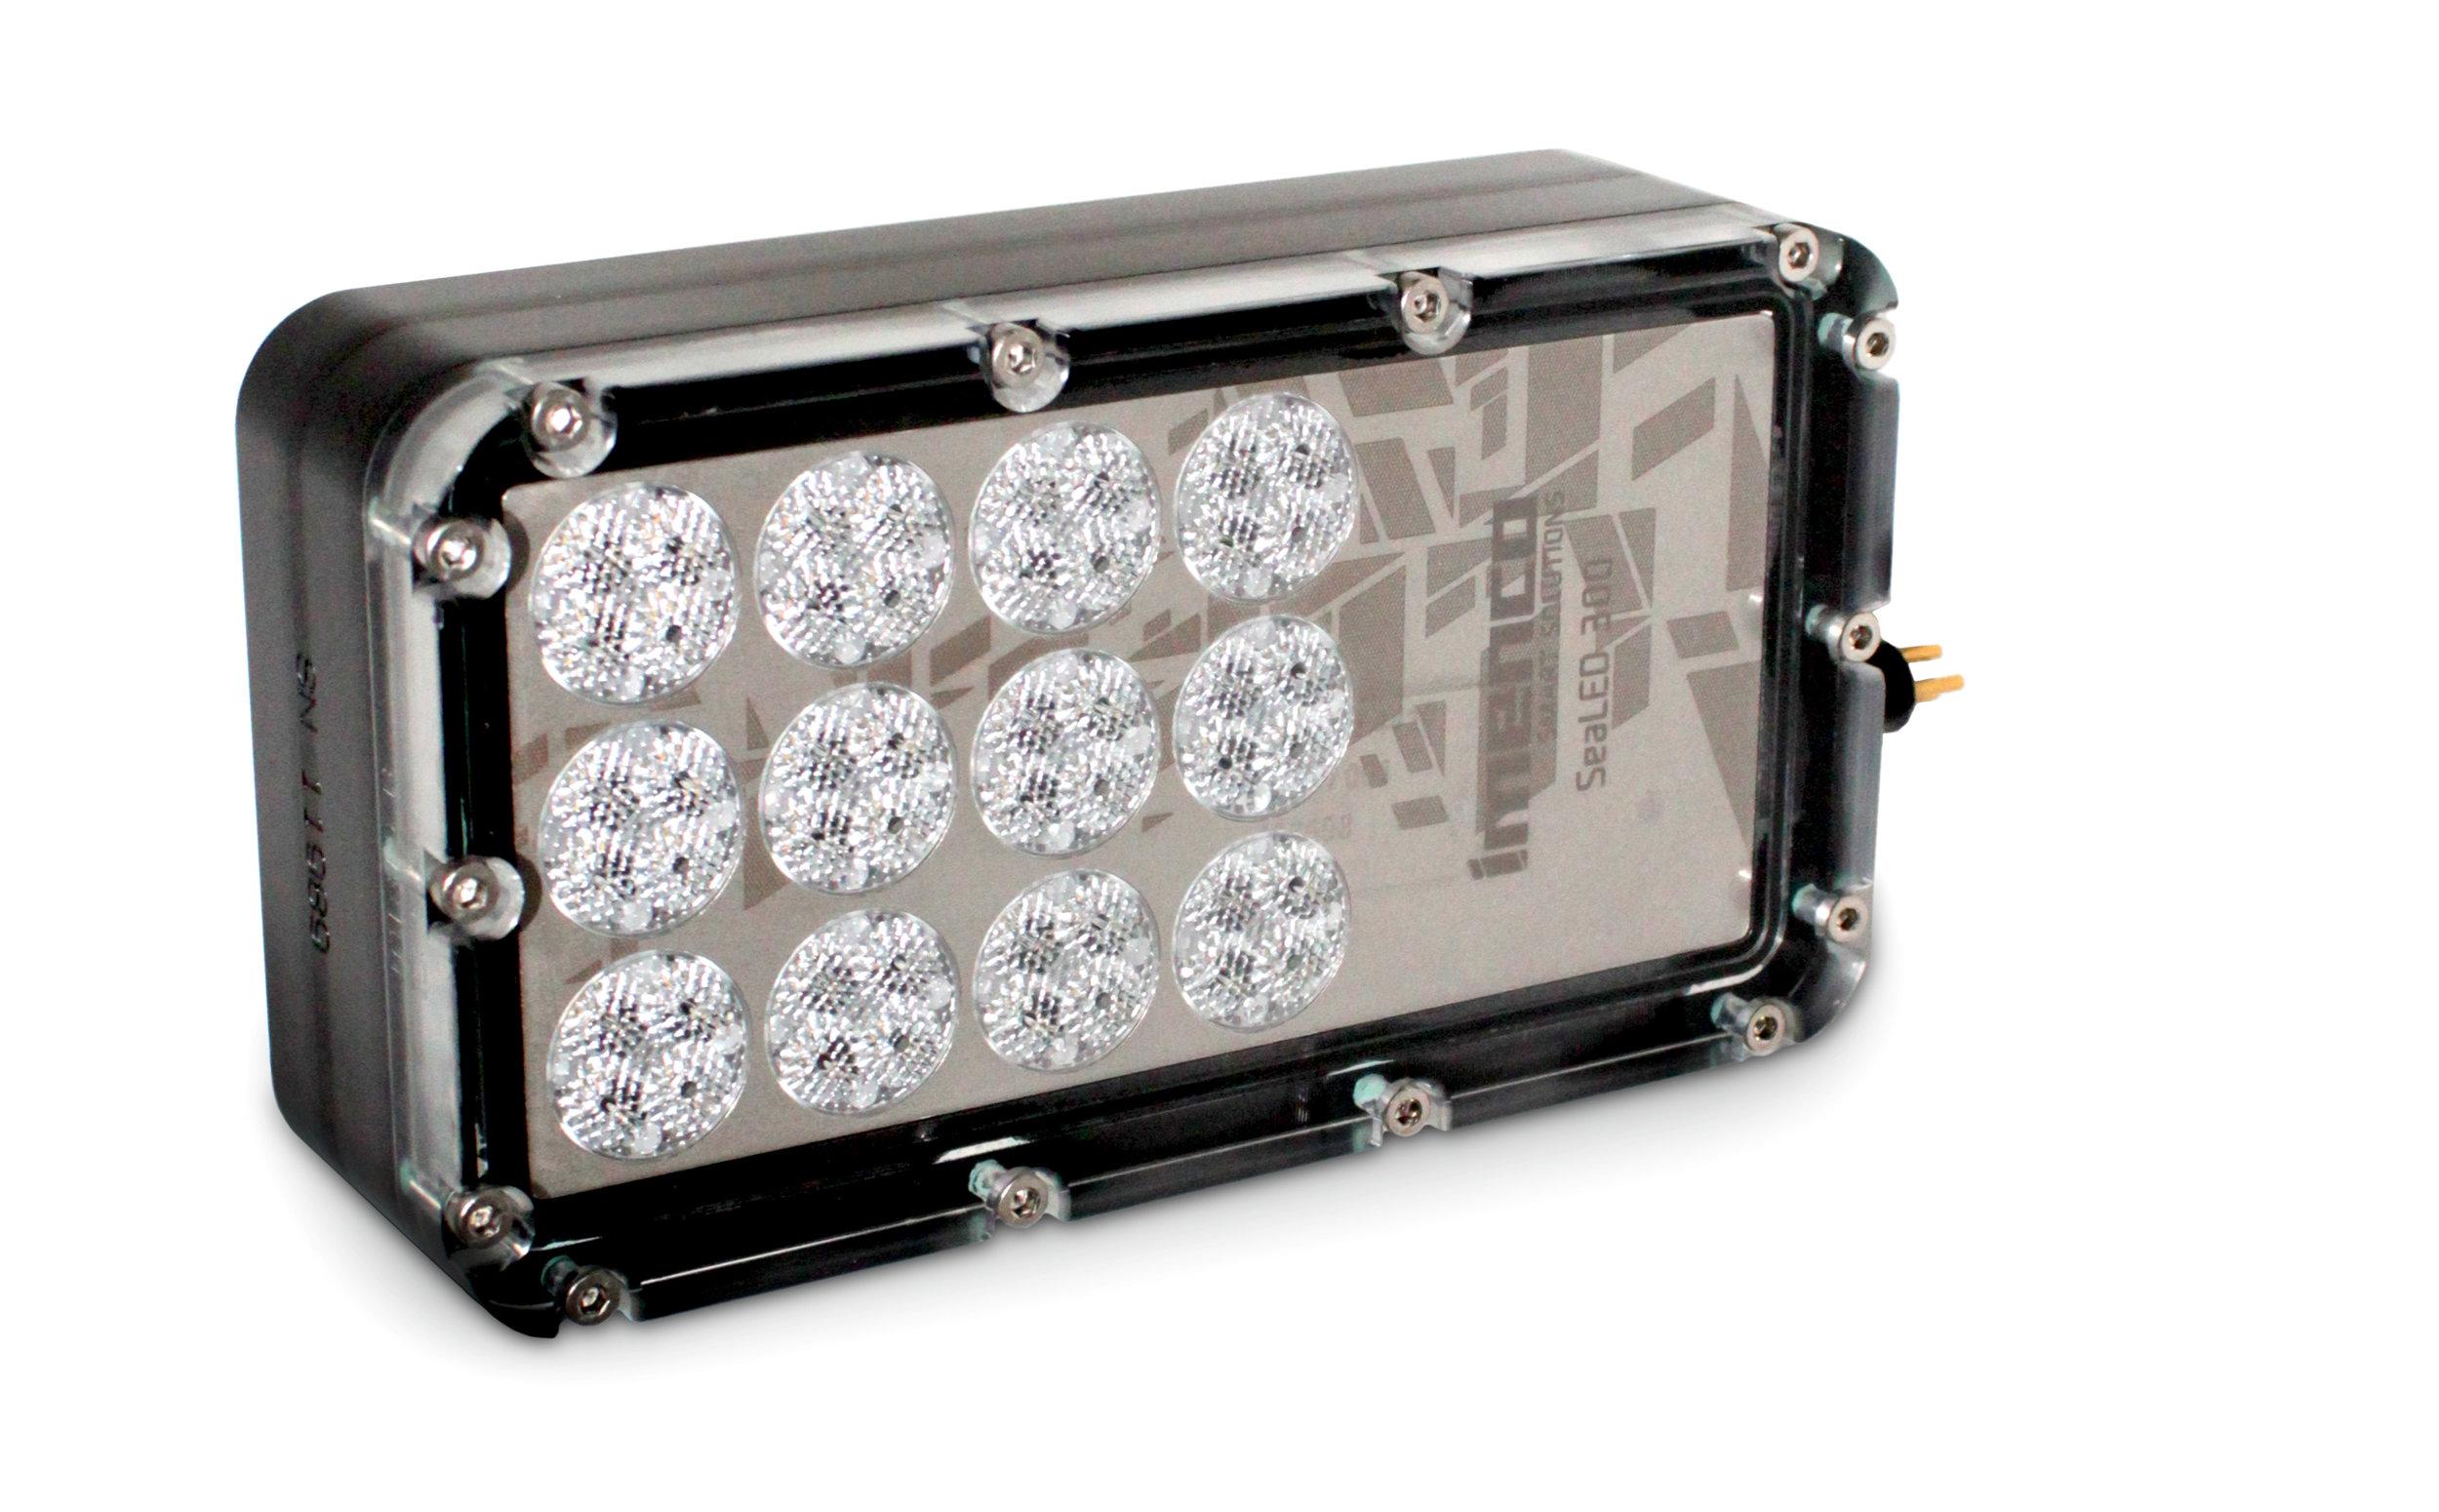 SEA-LED-300-5.jpg